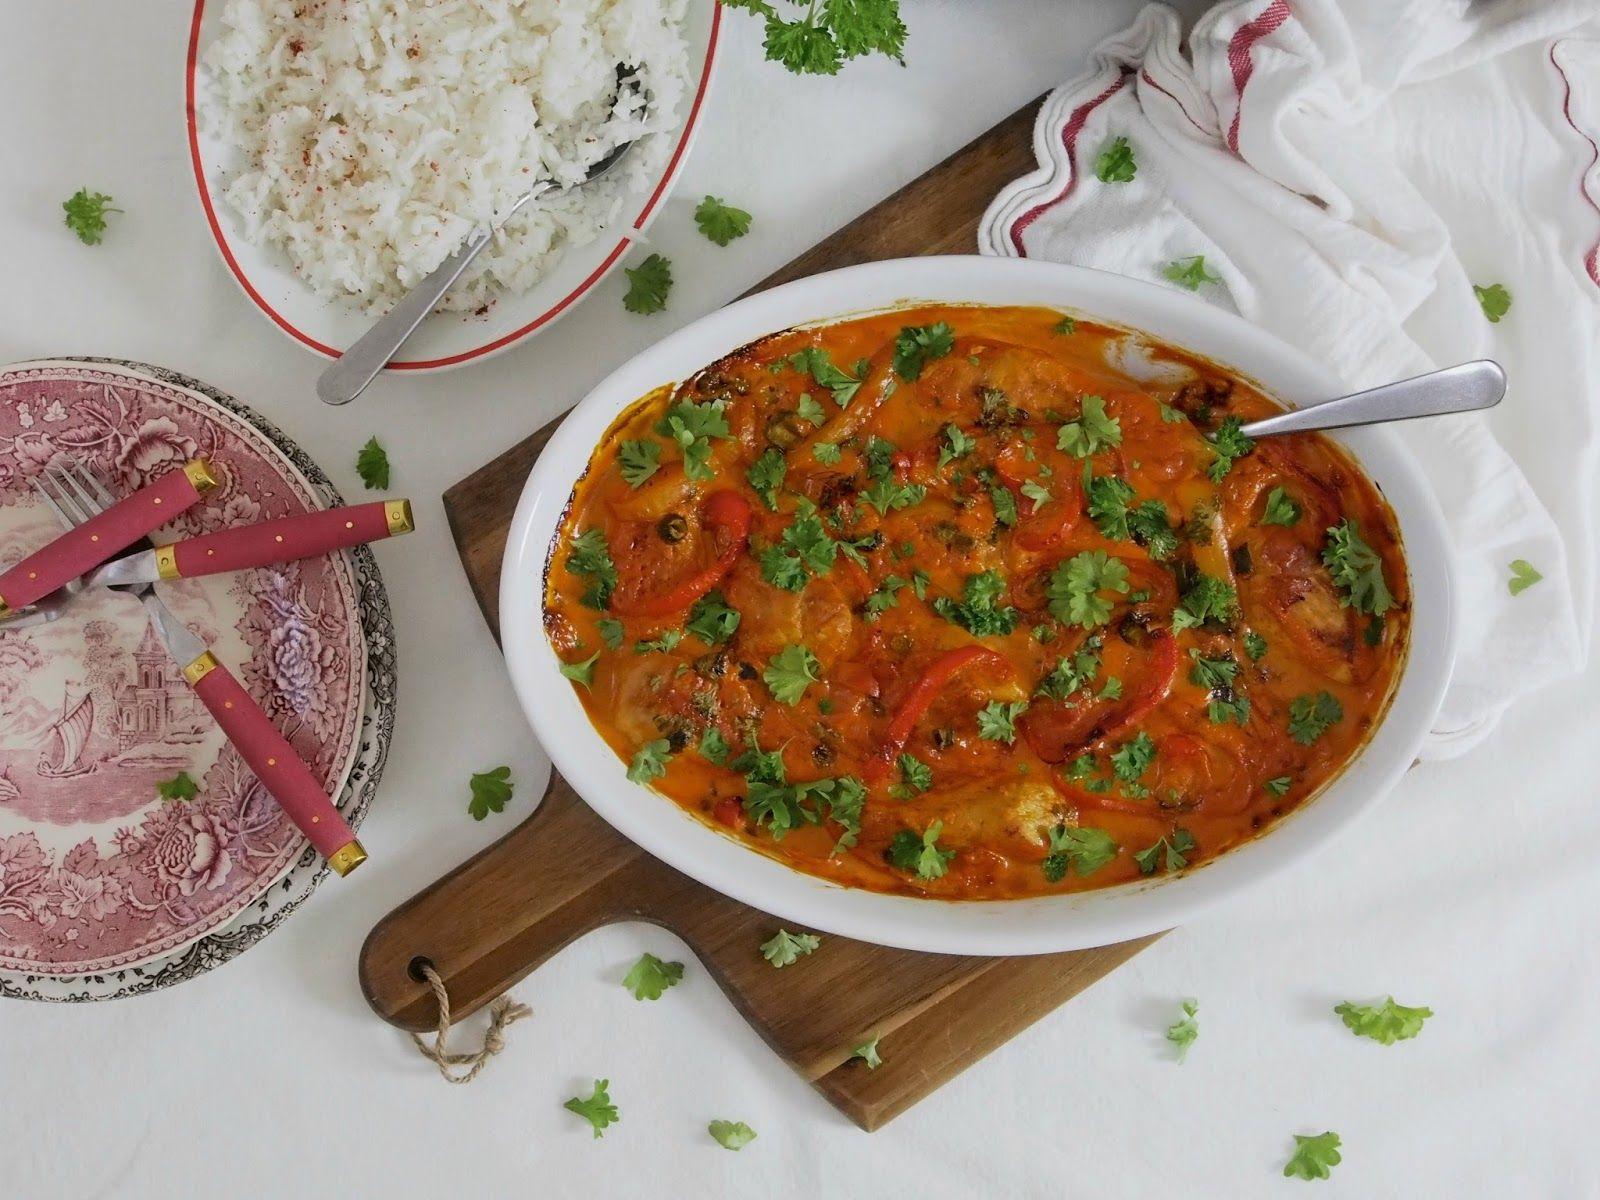 Keittiöstä leijuu hurmaava tuoksu ja eikä ihme, kanaa Igorin tapaan eli Igorin kanaa on tuloillaan! Pehmeä suussa sulava kana, makea paprika, sipuli, persilja, maustekurkku ja herkullinen kastike smetanasta, niistä on Igorin kana tehty. Tämä ruoka on sulattanut monen pöydässämme käyneen vierailijan sydämen ja se onkin perheemme ehdoton suosikkiruoka!